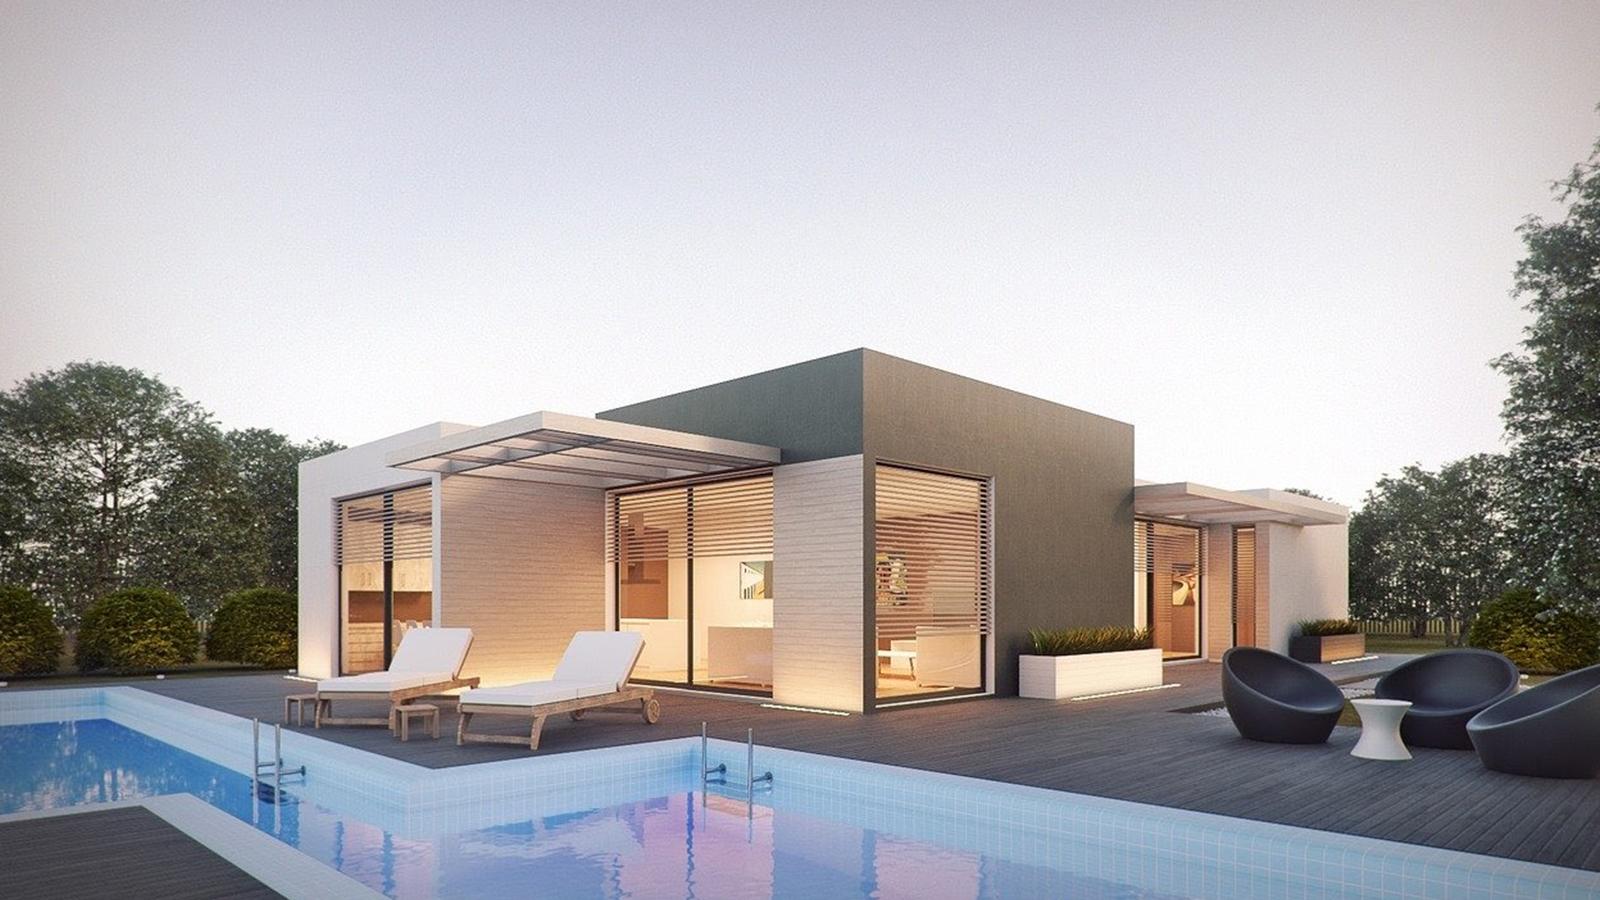 La energía solar pasiva y su aplicación en proyectos de edificación